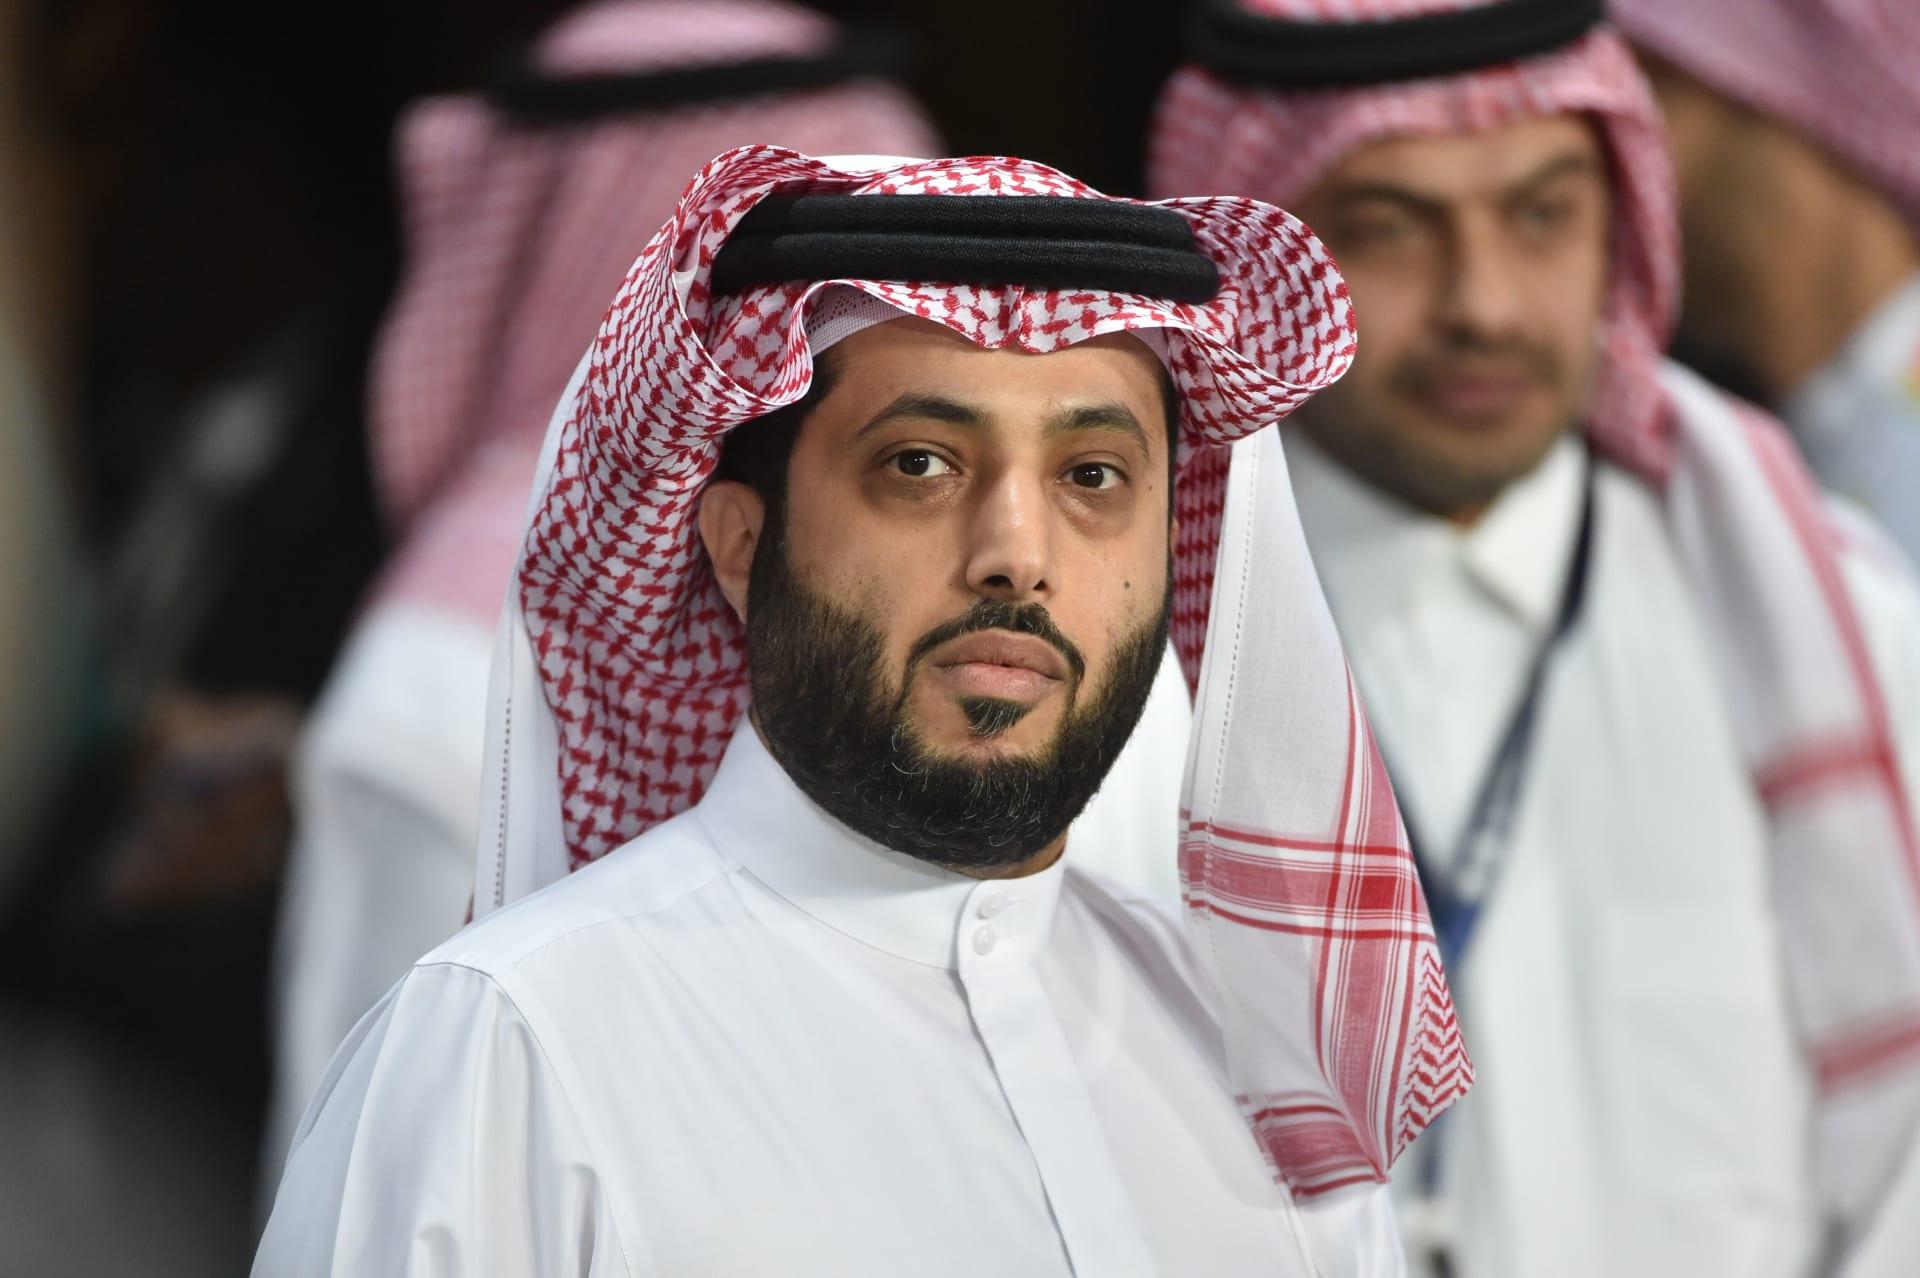 أمير سعودي يعترض على تقرير جاء فيه اسم تركي آل الشيخ قبله.. والثاني: معك حق